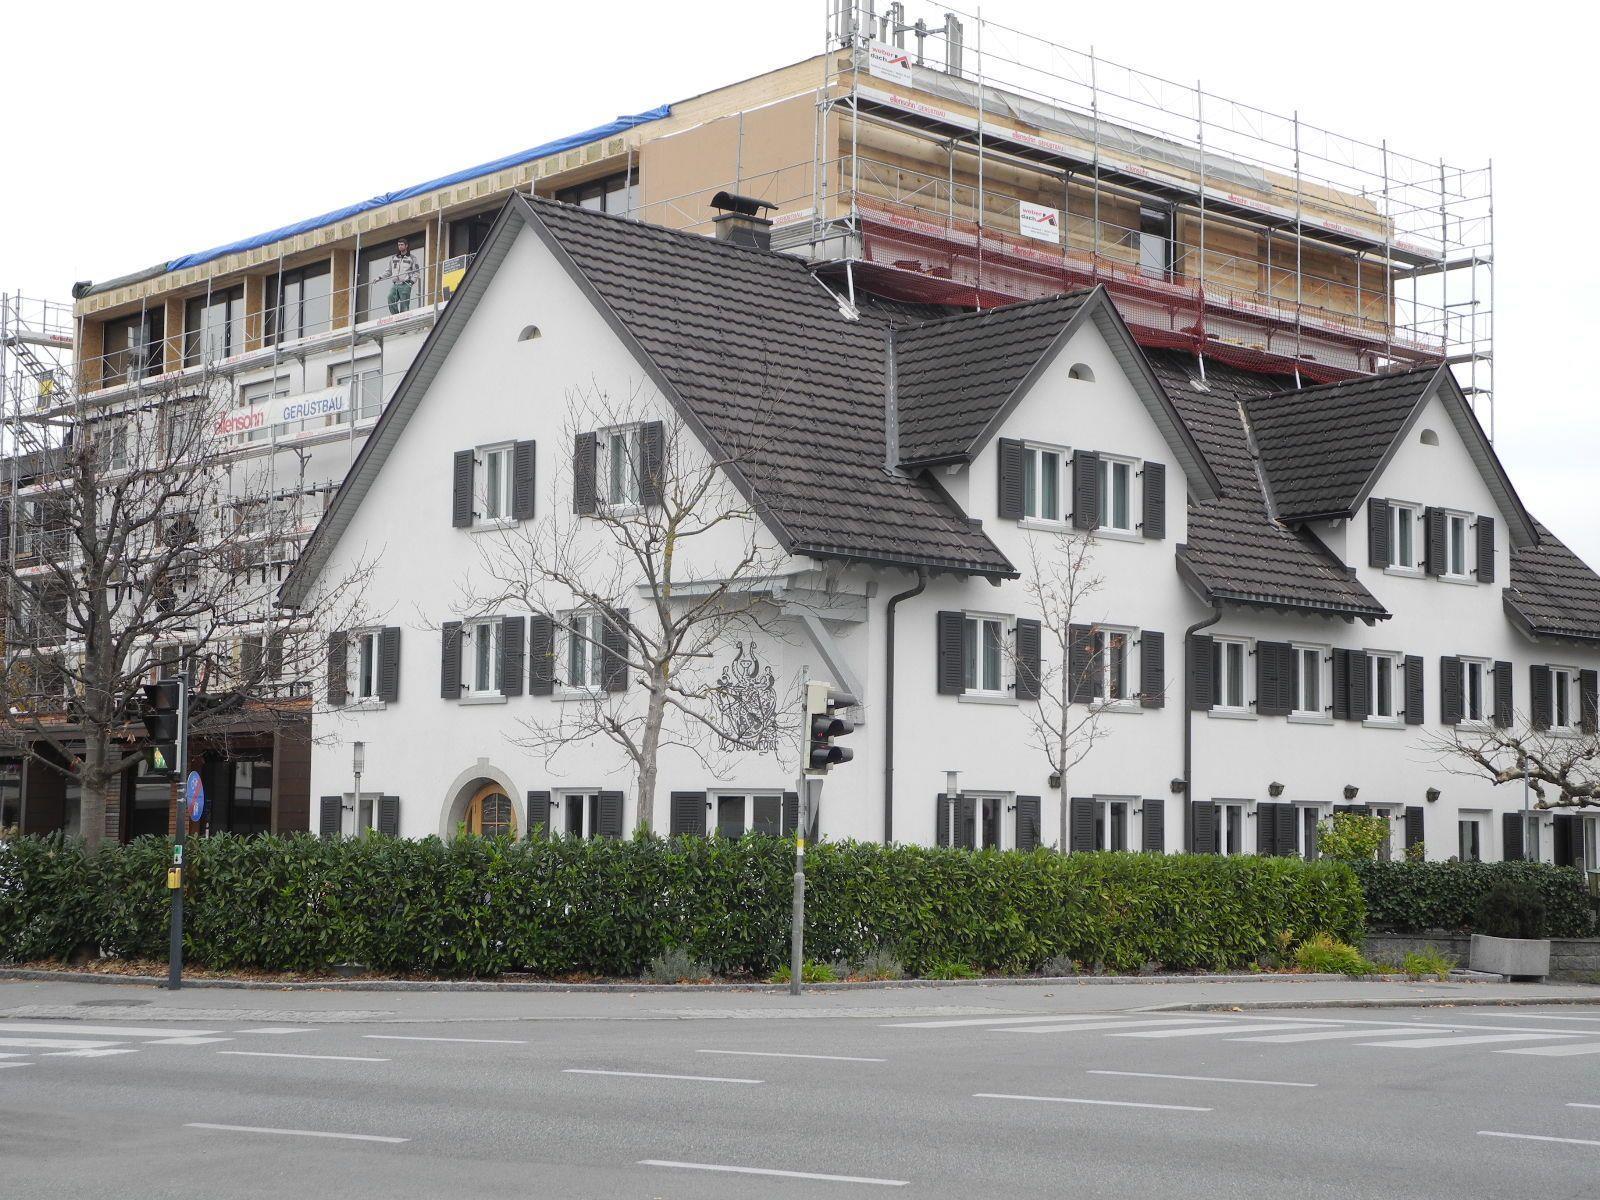 Das Hotel Weisses Kreuz in Altenstadt im Vordergrund der traditionsreiche Altbau